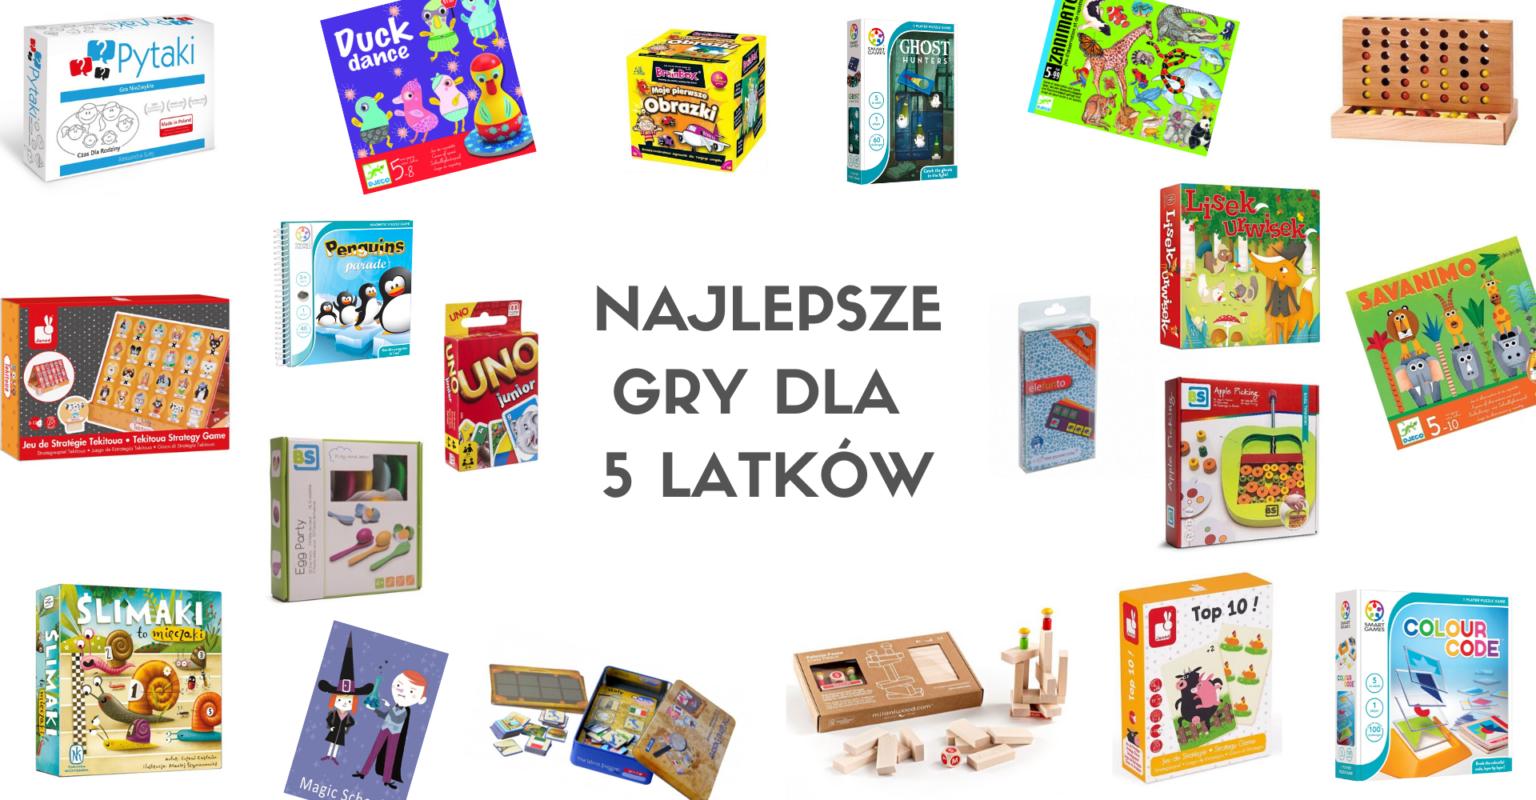 Odkryj najciekawsze gry dla 5 latków i wybierz coś dla swojego dziecka.